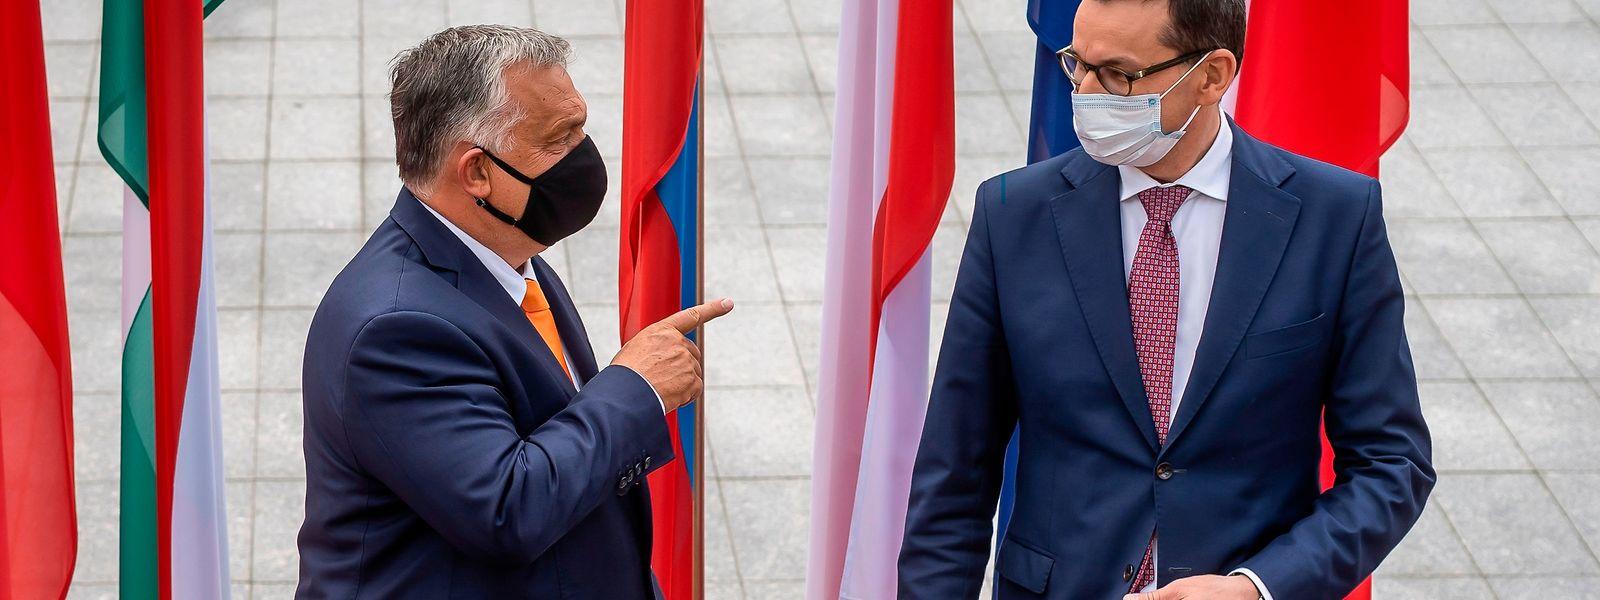 Viktor Orbán, líder húngaro e Mateusz Morawiecki, chefe do executivo da Polónia estão a causar polémica na União Europeia.